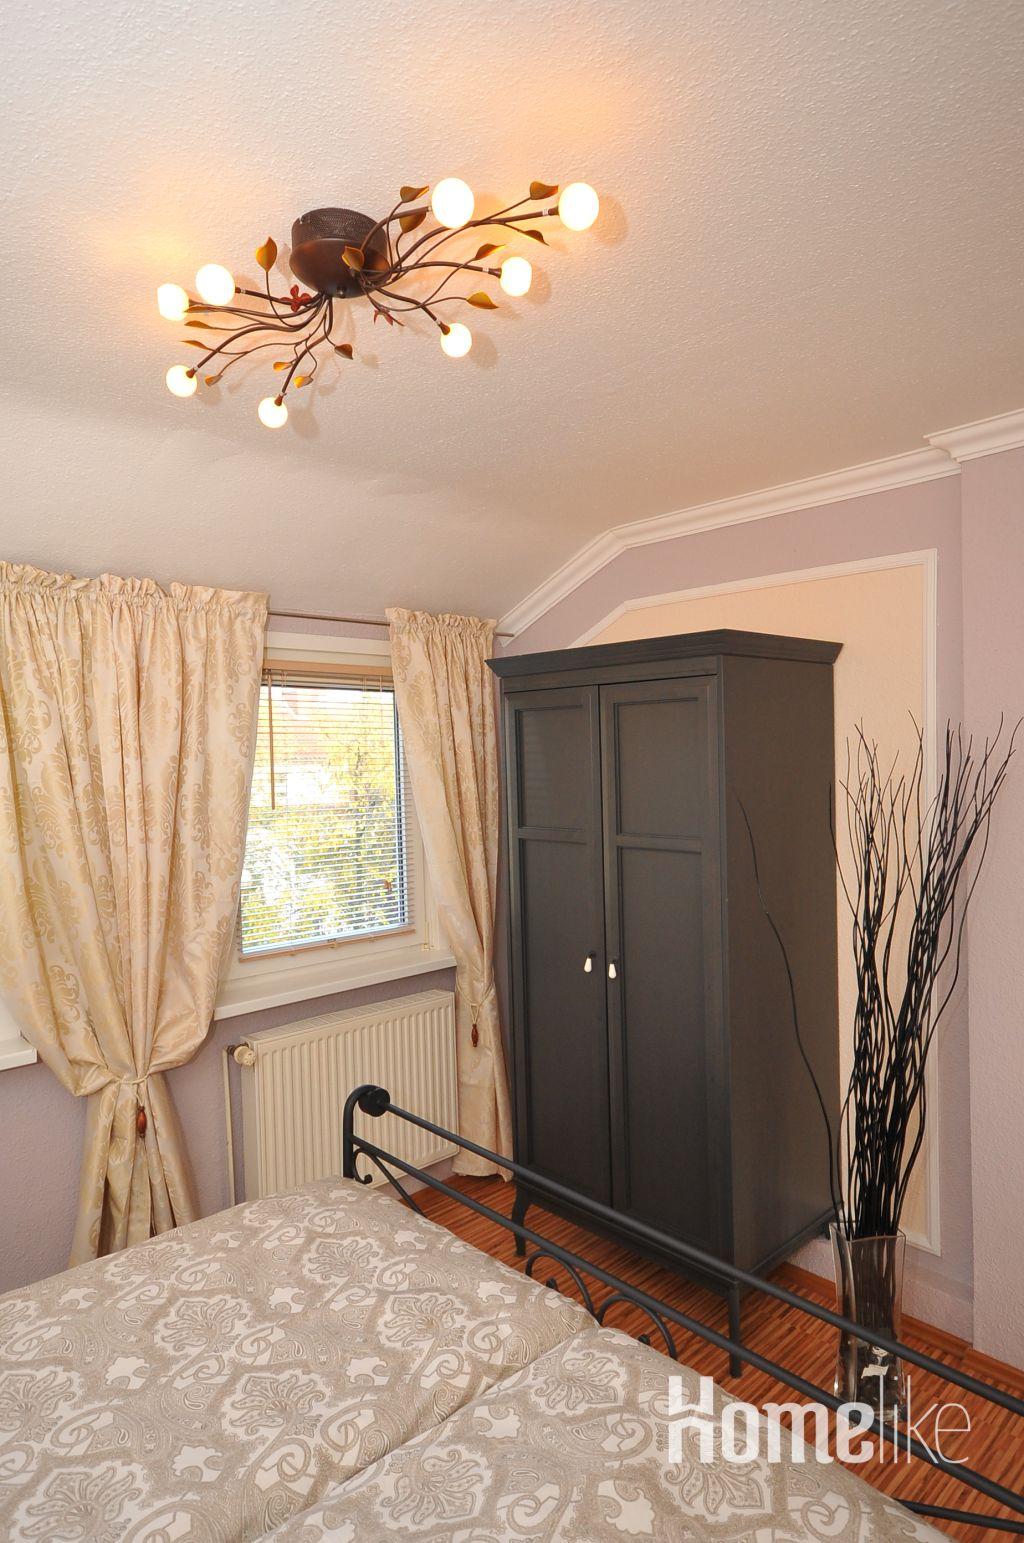 image 7 furnished 2 bedroom Apartment for rent in Bremem, Bremem